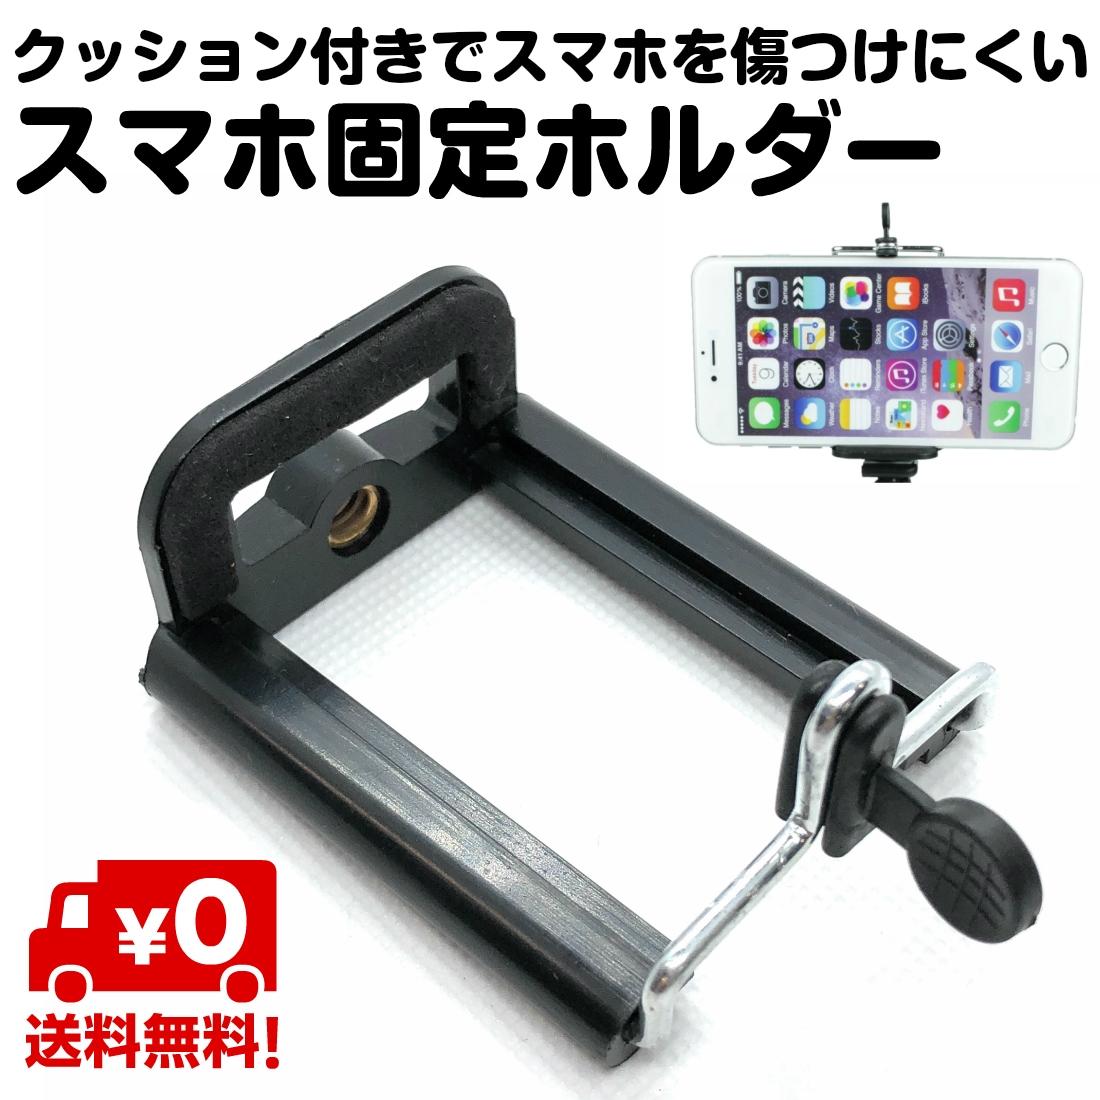 【追跡ゆうパケット送料無料】 シンプルなスマートフォン用三脚マウント スマートフォン 三脚 固定ホルダー ネジ穴搭載 大サイズ 50mm〜80mmにスライド